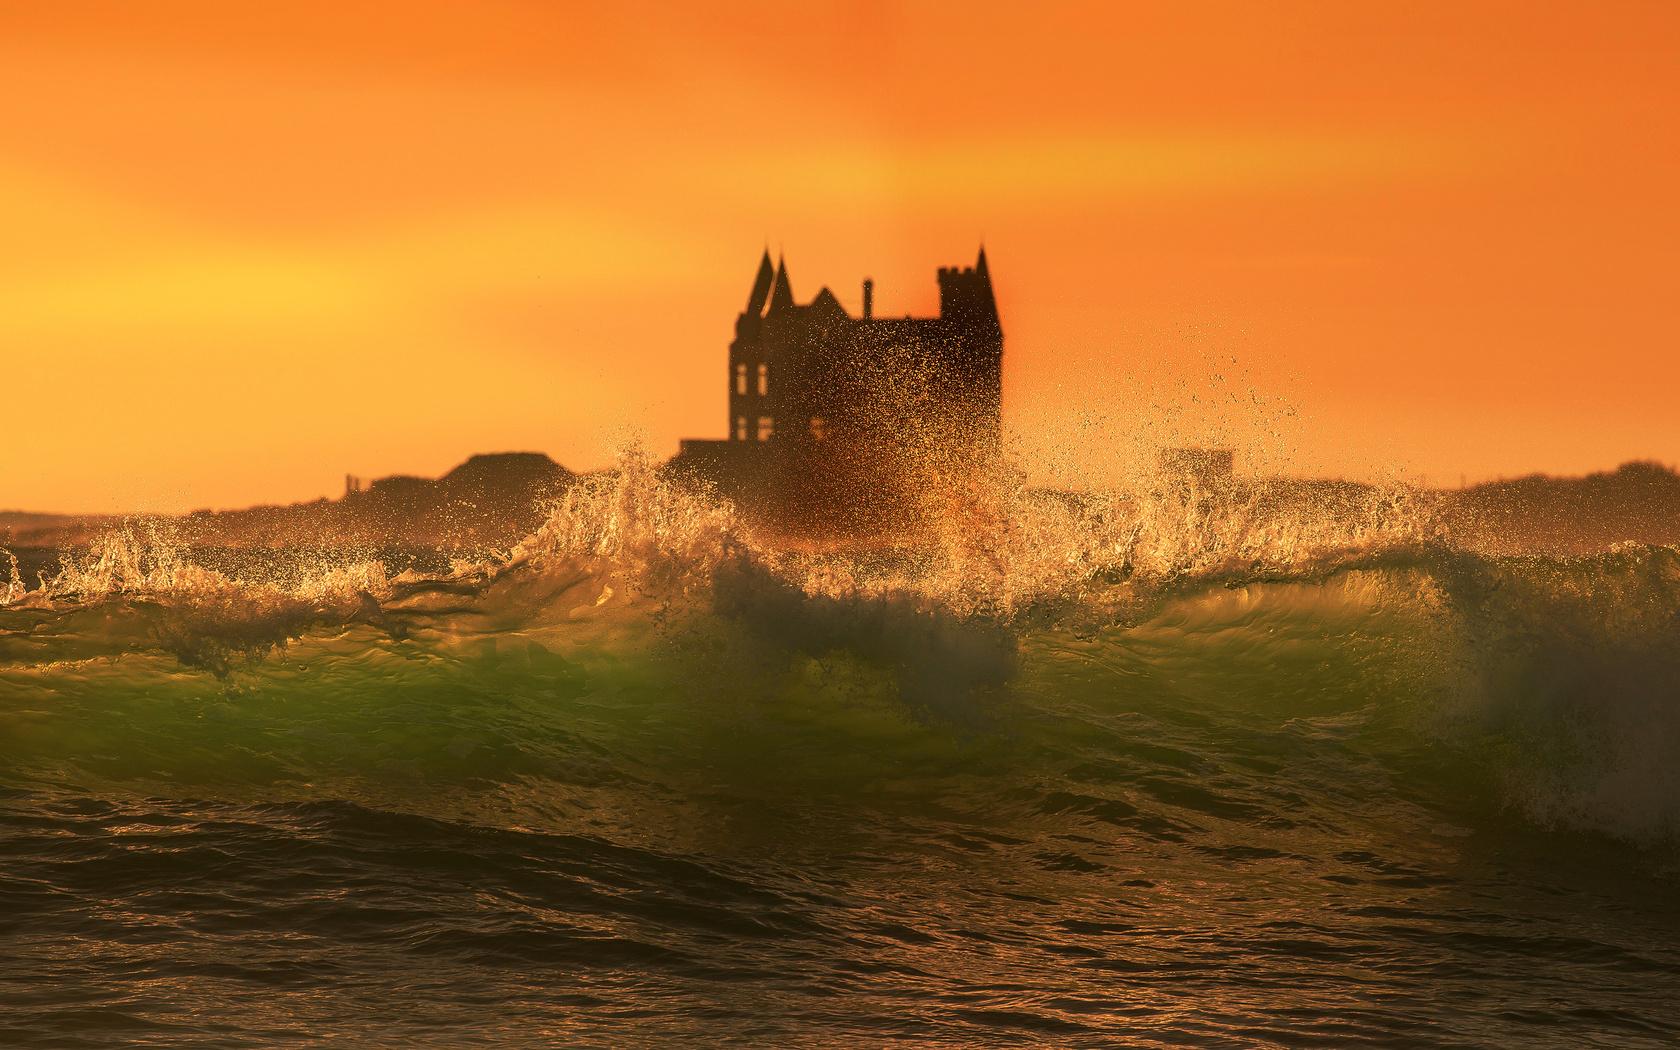 прибой, волна, замок